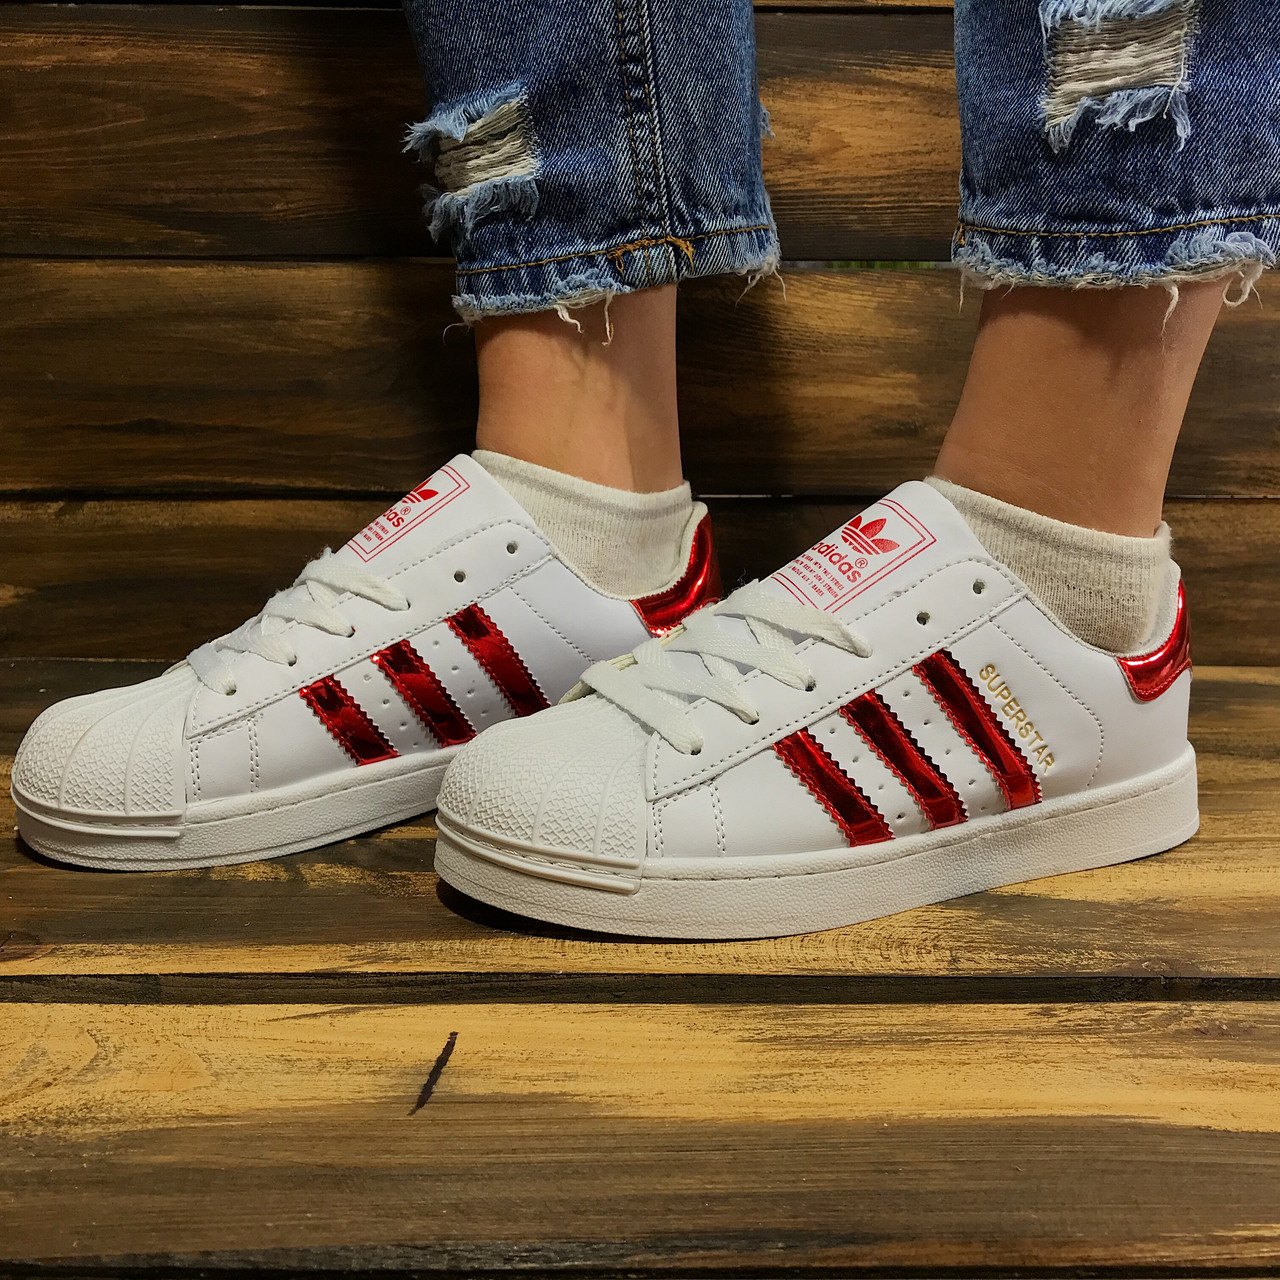 588dd8d95 Кроссовки женские весенние Adidas Superstar (реплика): продажа, цена ...